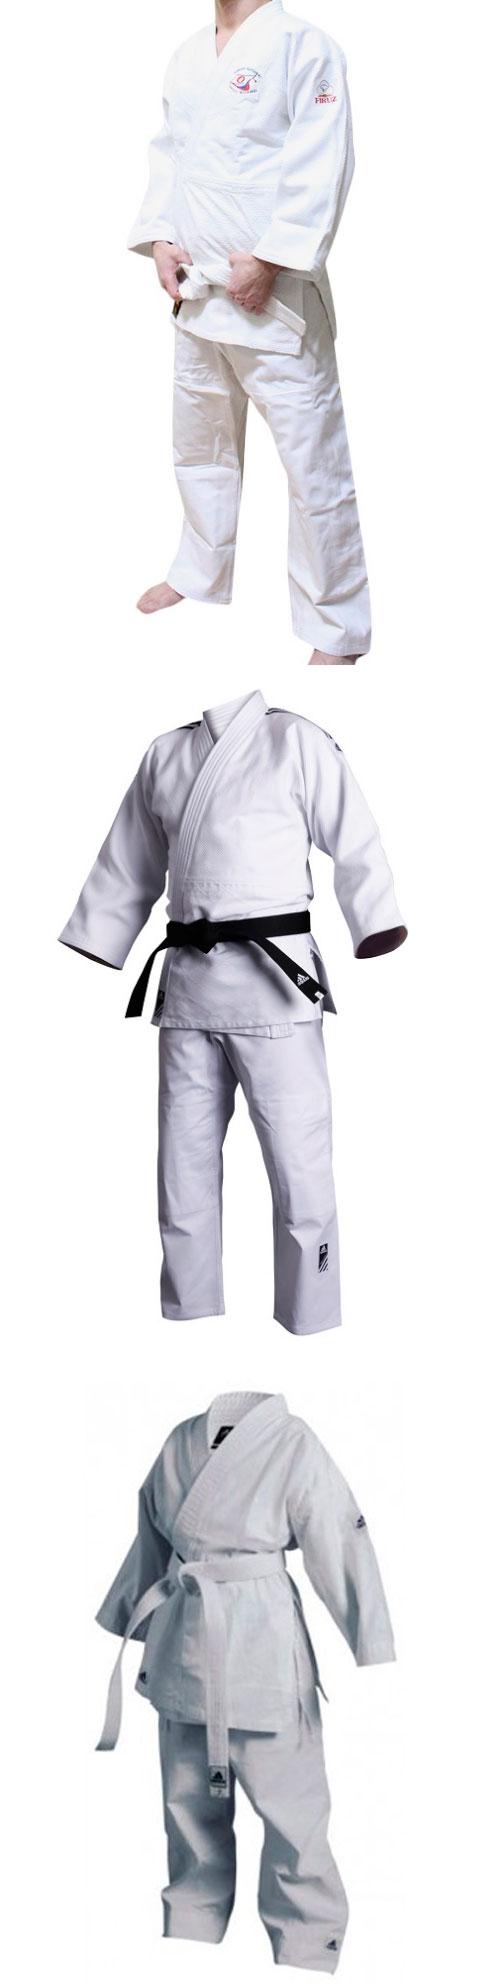 кимоно-для-занятий-айкидо-Дзюдо-Карате